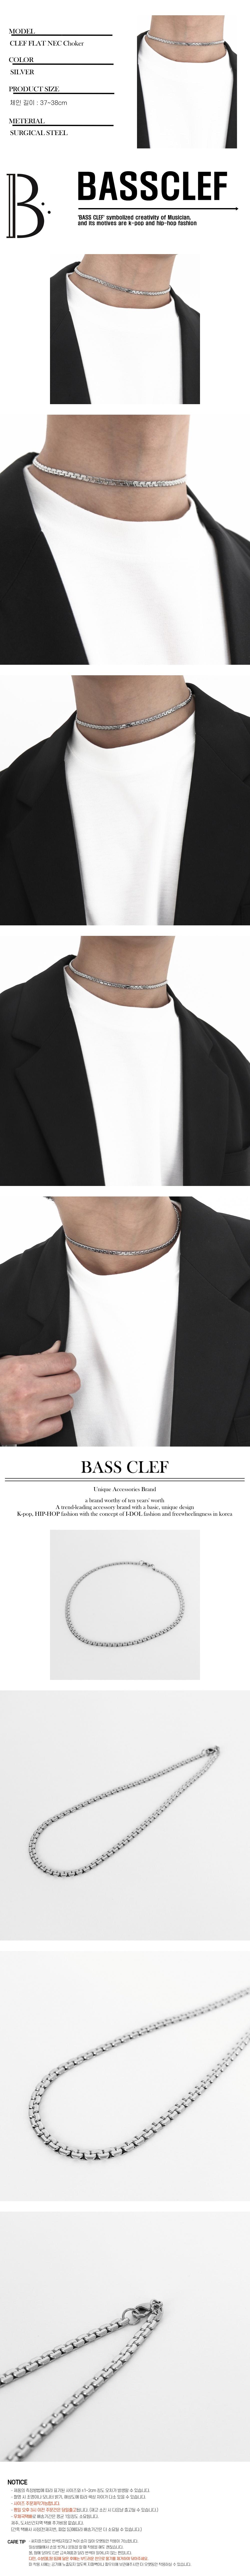 베이스클레프(BASSCLEF) 남자 초커 목걸이 체인 써지컬 CLEF FLAT NEC Choker